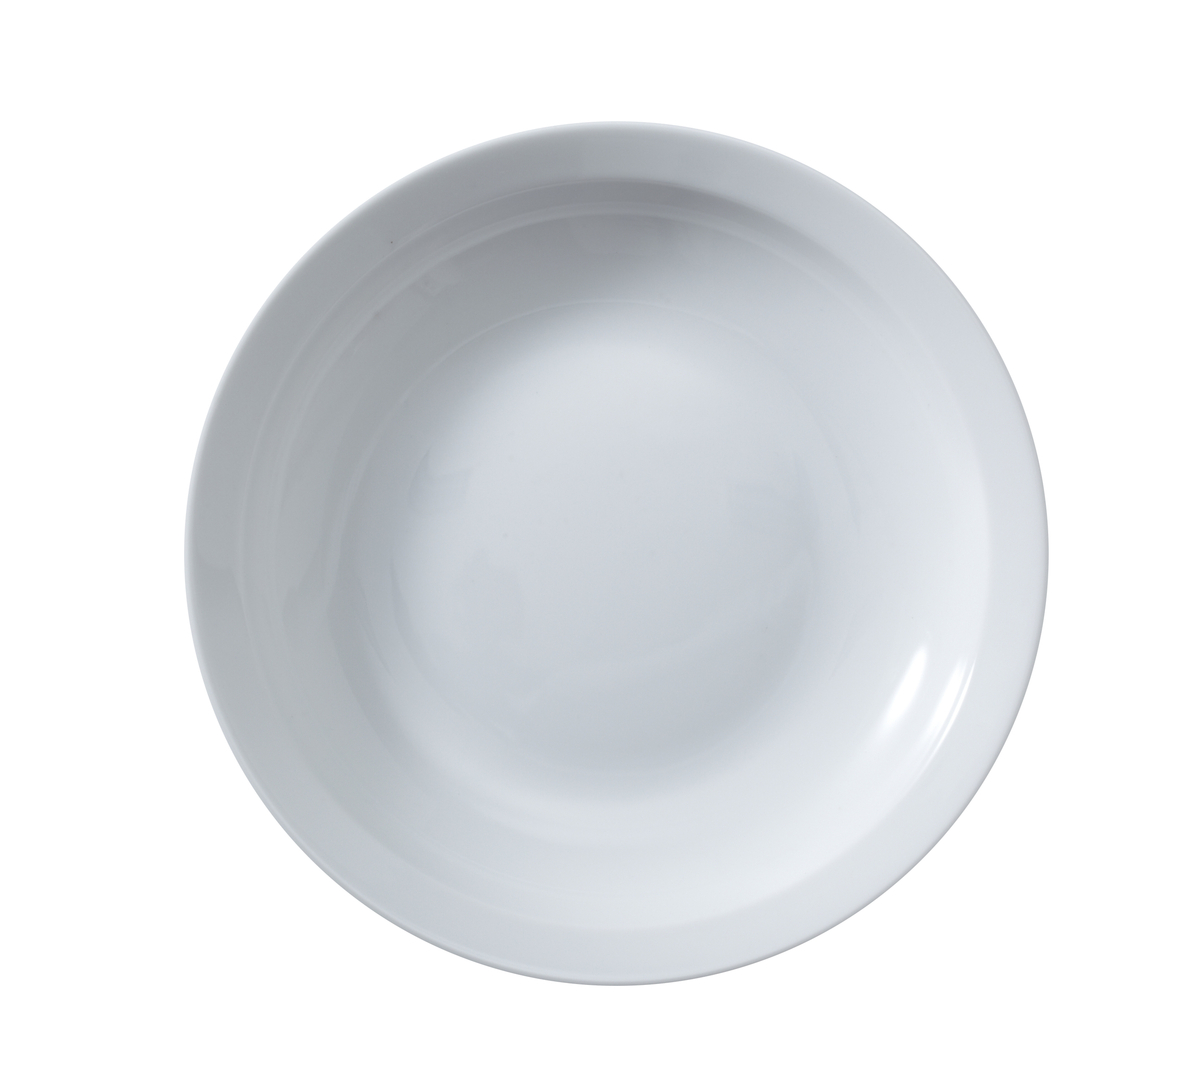 Assiette creuse rond blanc Optima Vaisselle